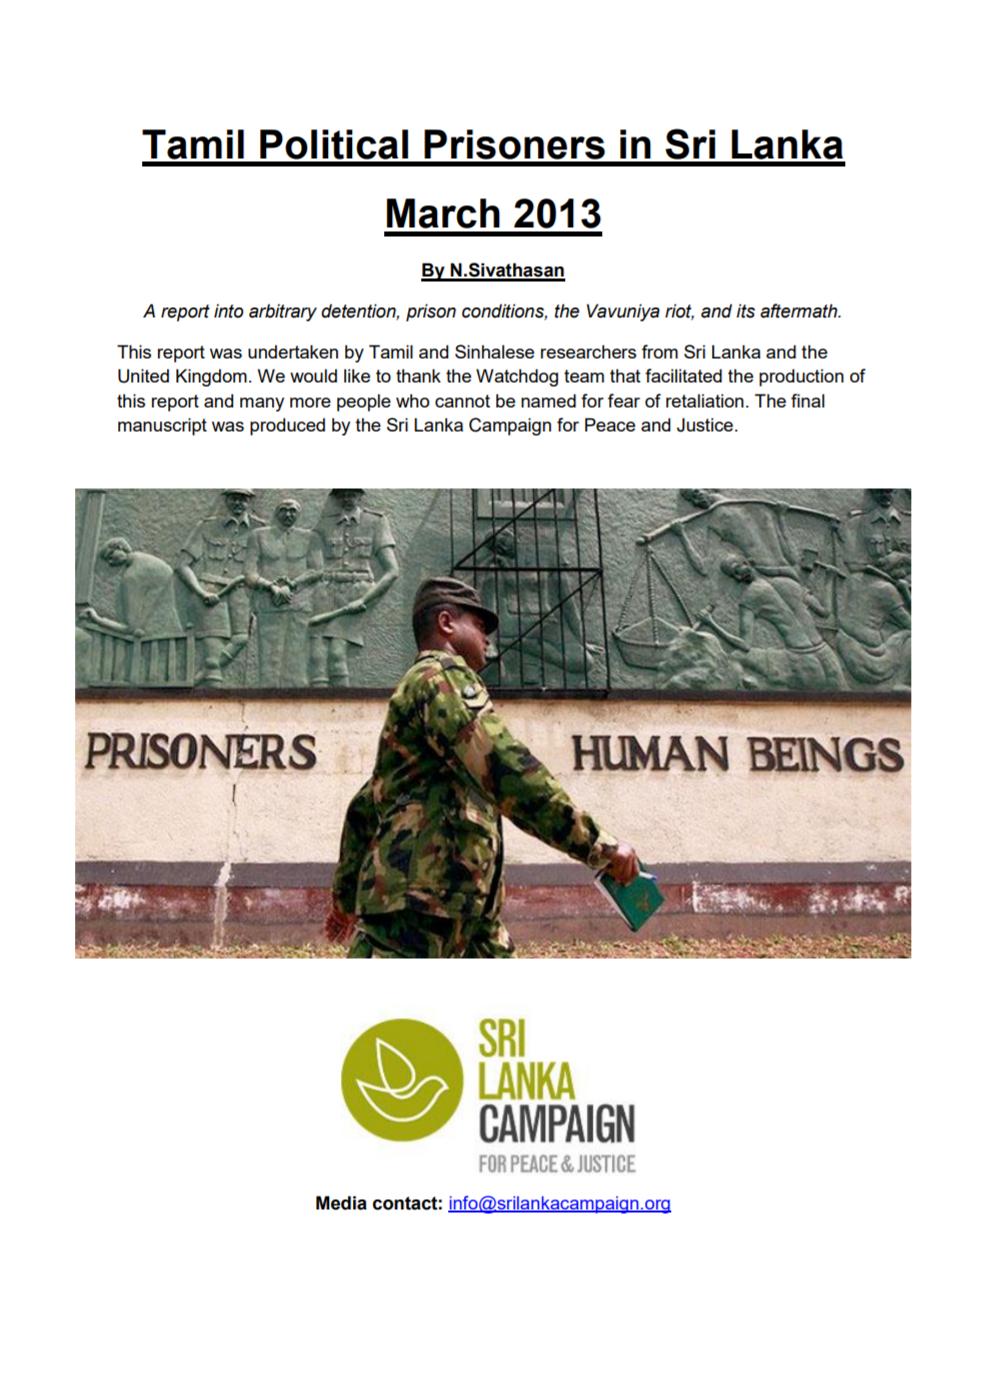 Tamil Political Prisoners in Sri Lanka, Sri Lanka Campaign, 2013